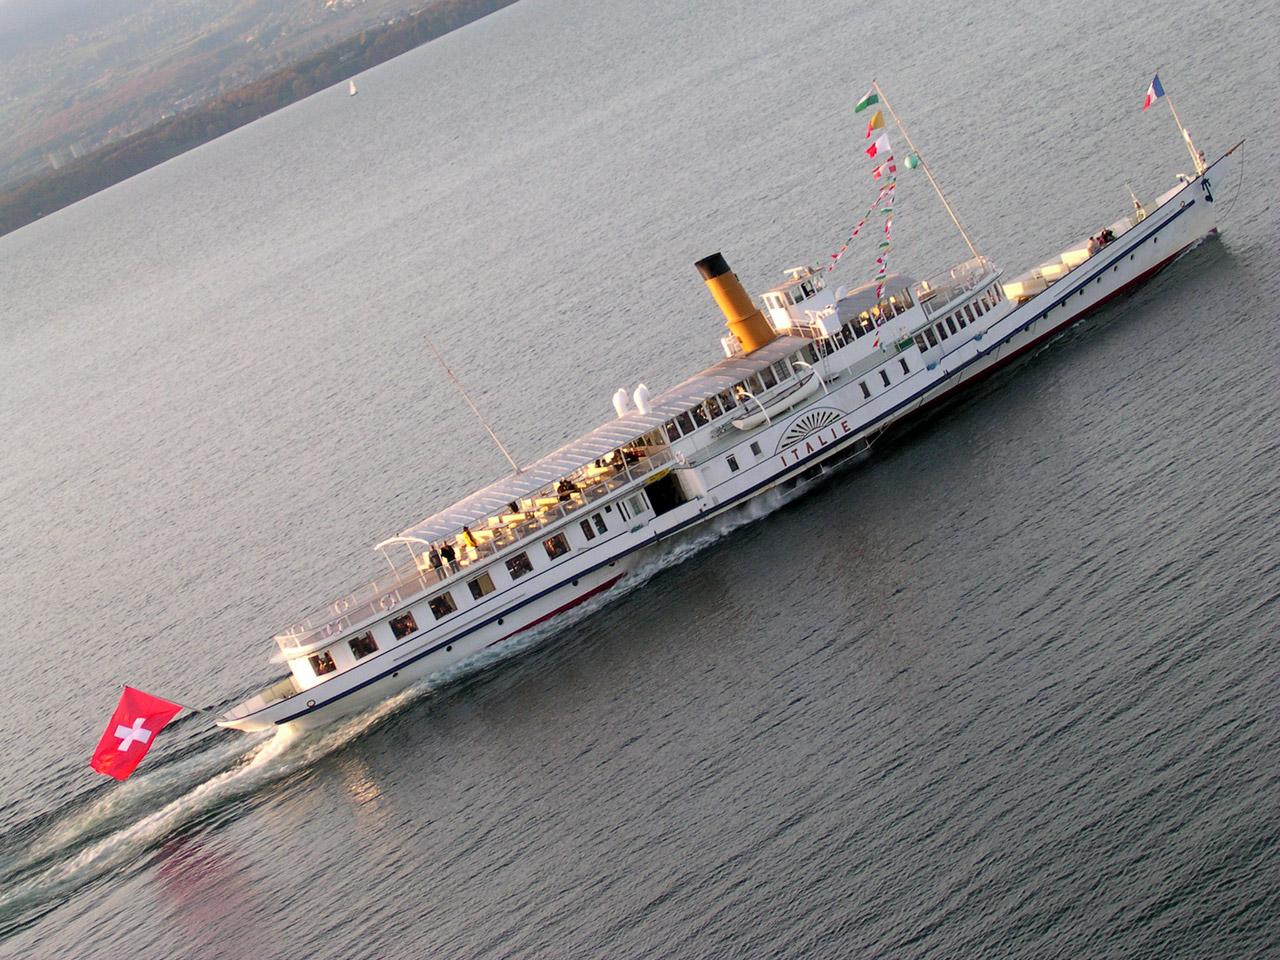 L'Italie, un des bateaux Belle Epoque de la CGN, quitte Yvoire.